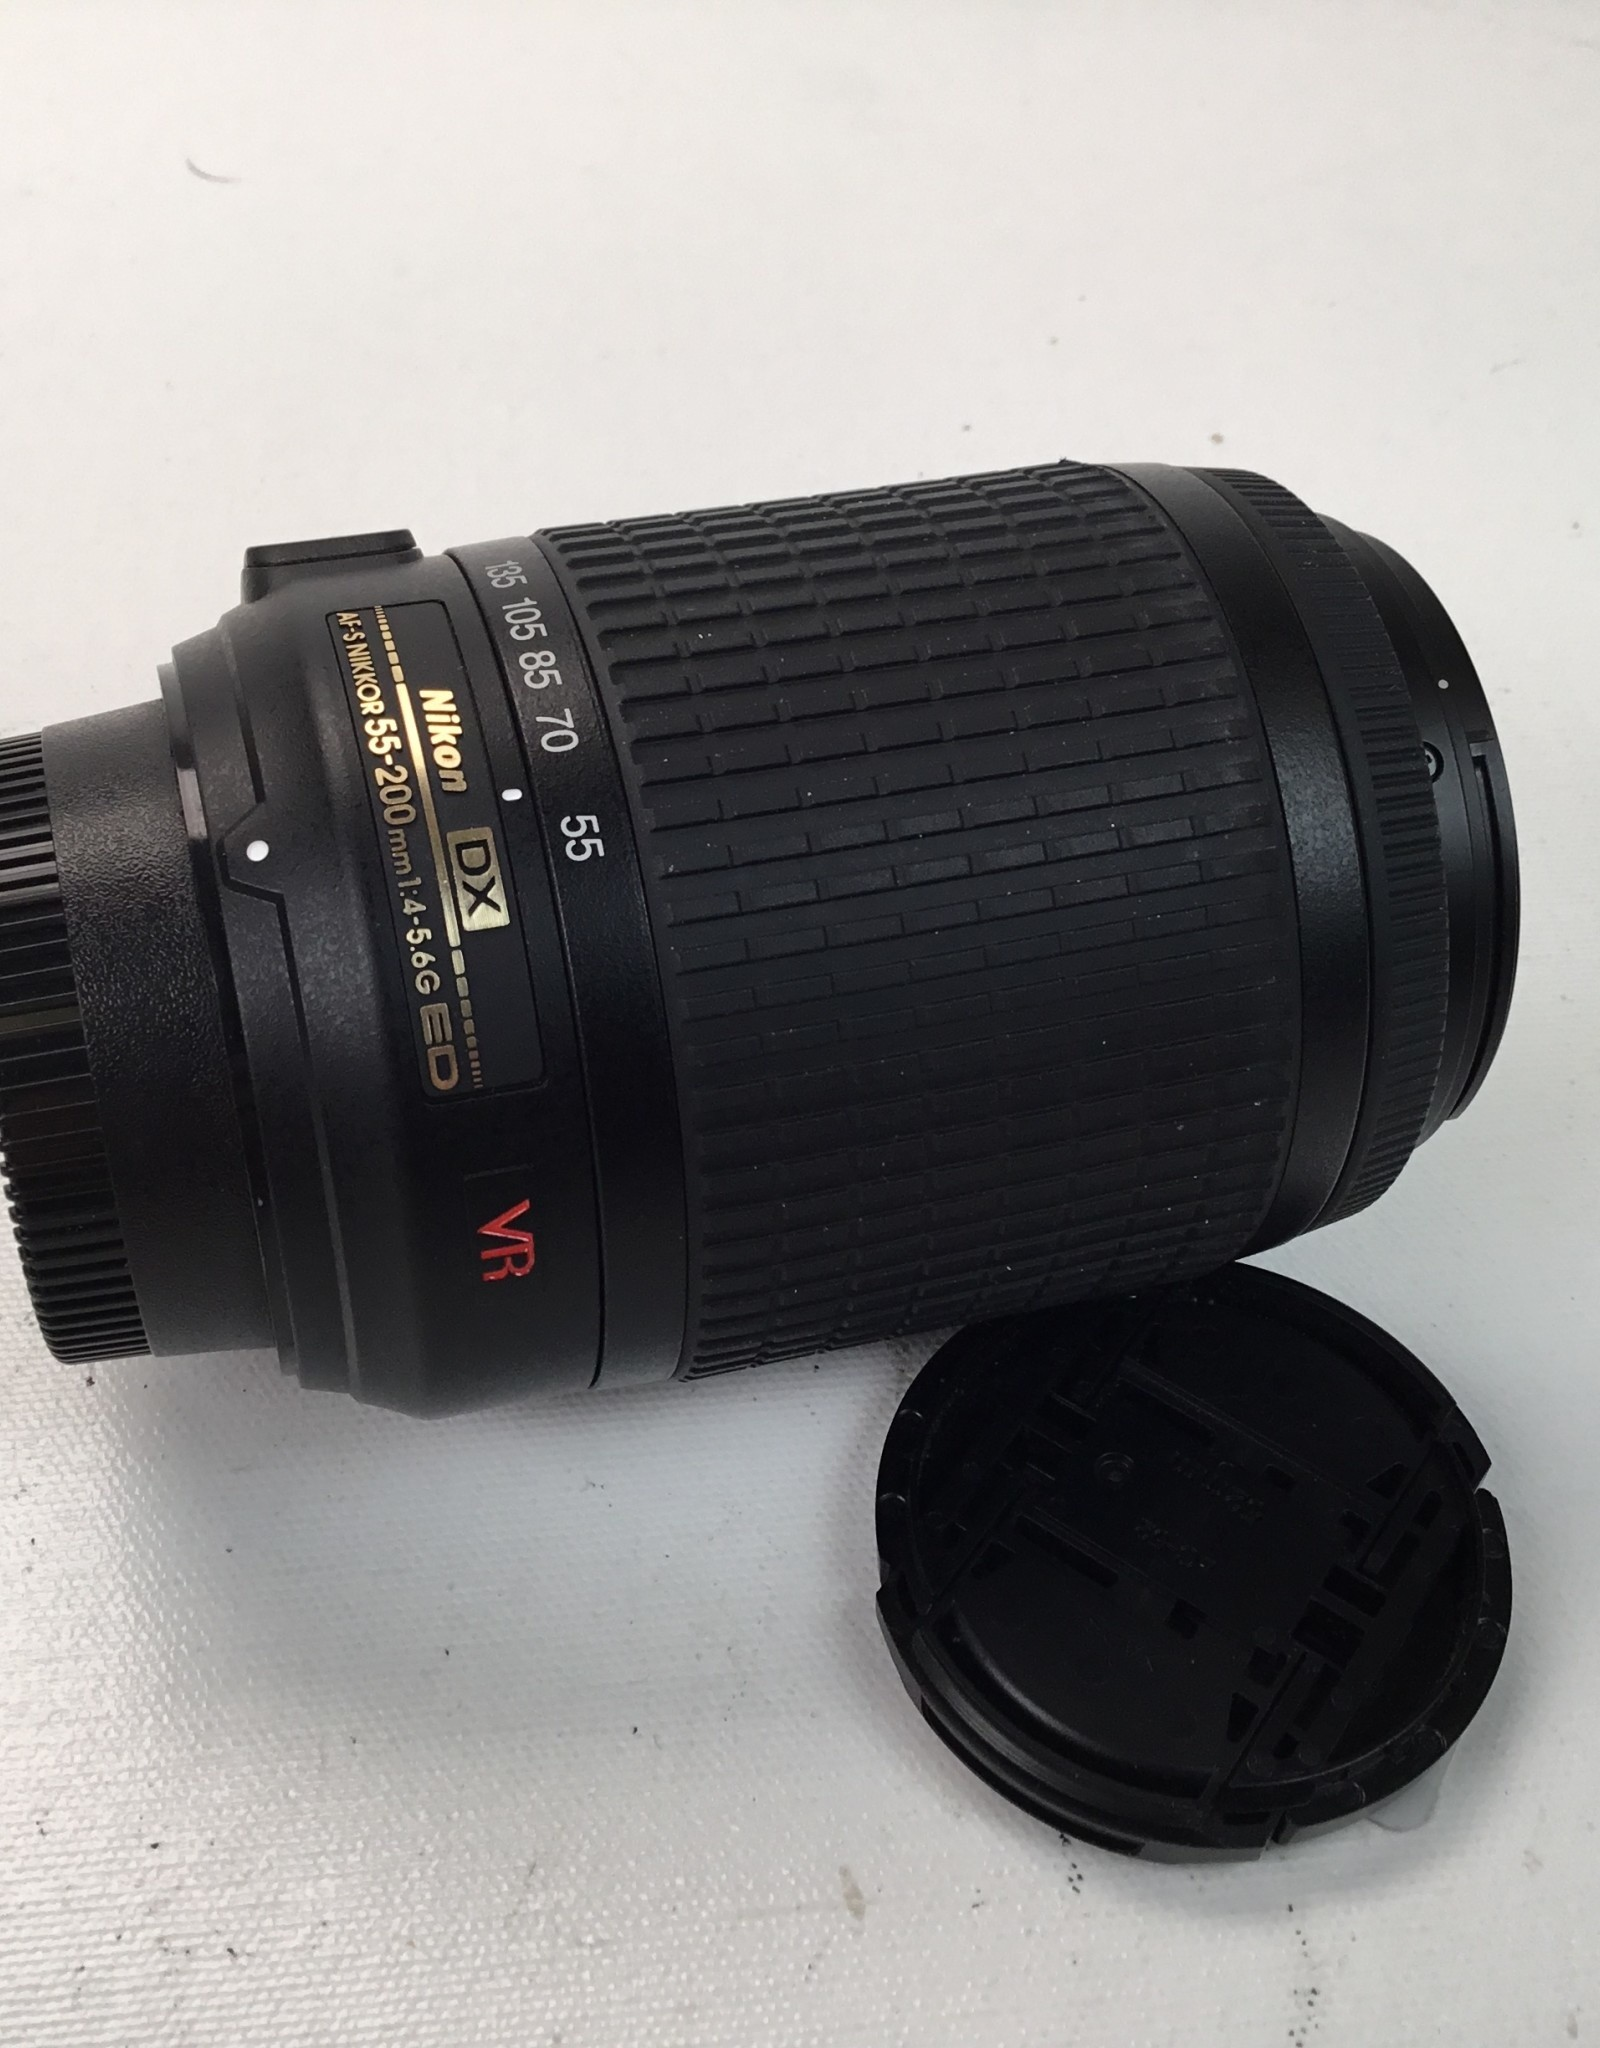 NIKON Nikon AF-S 55-200mm f4-5.6G ED VR Lens Used EX